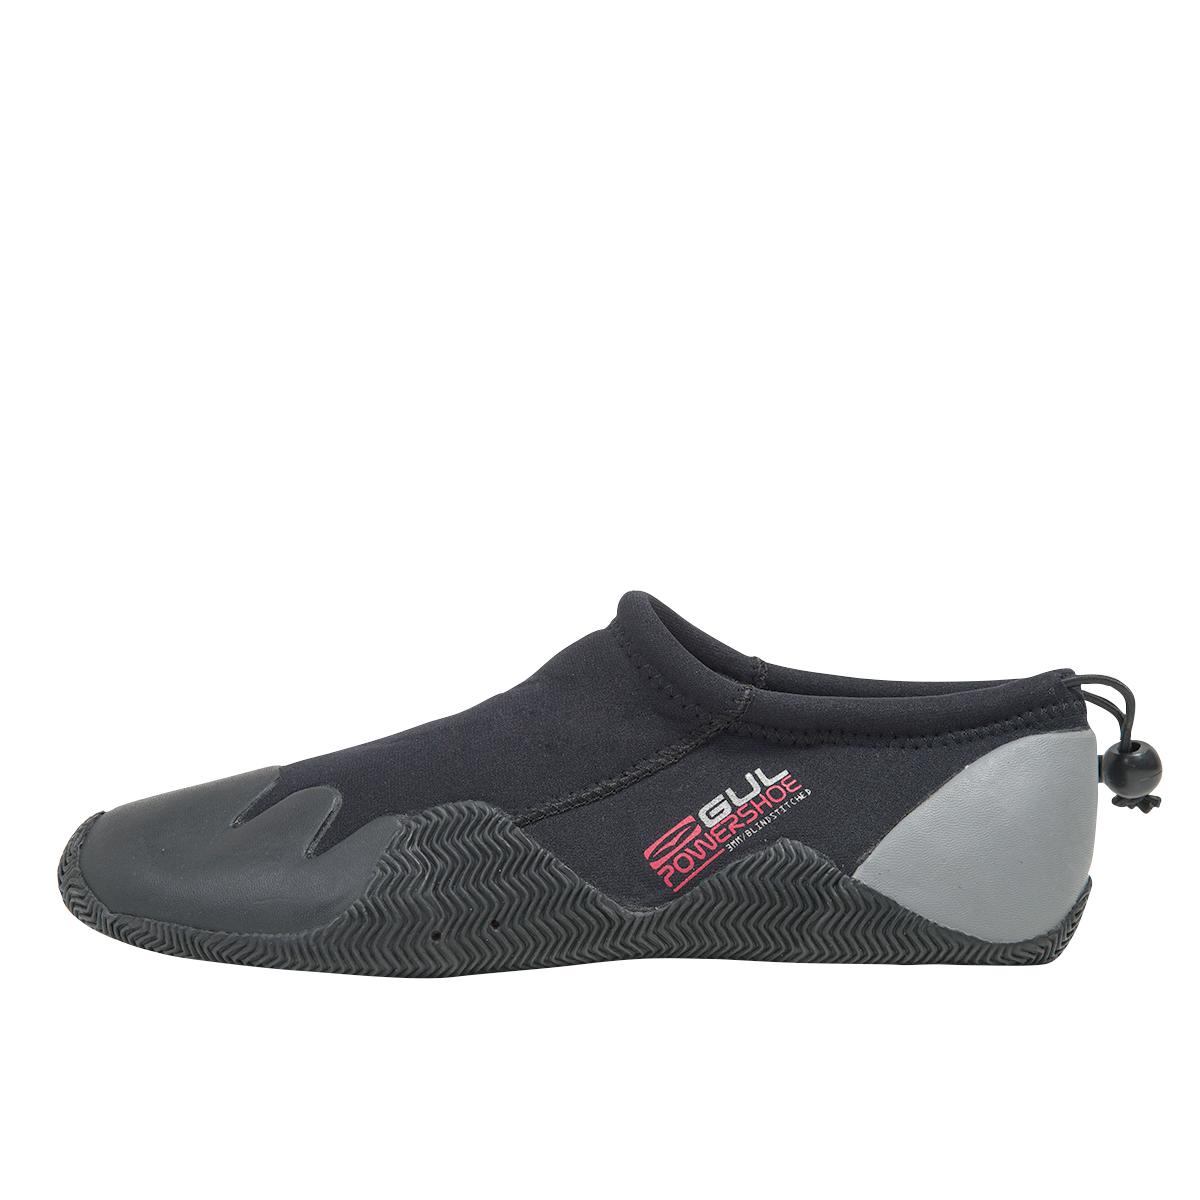 neoprénové boty 3mm GUL POWER SLIPPER - šedá, 5